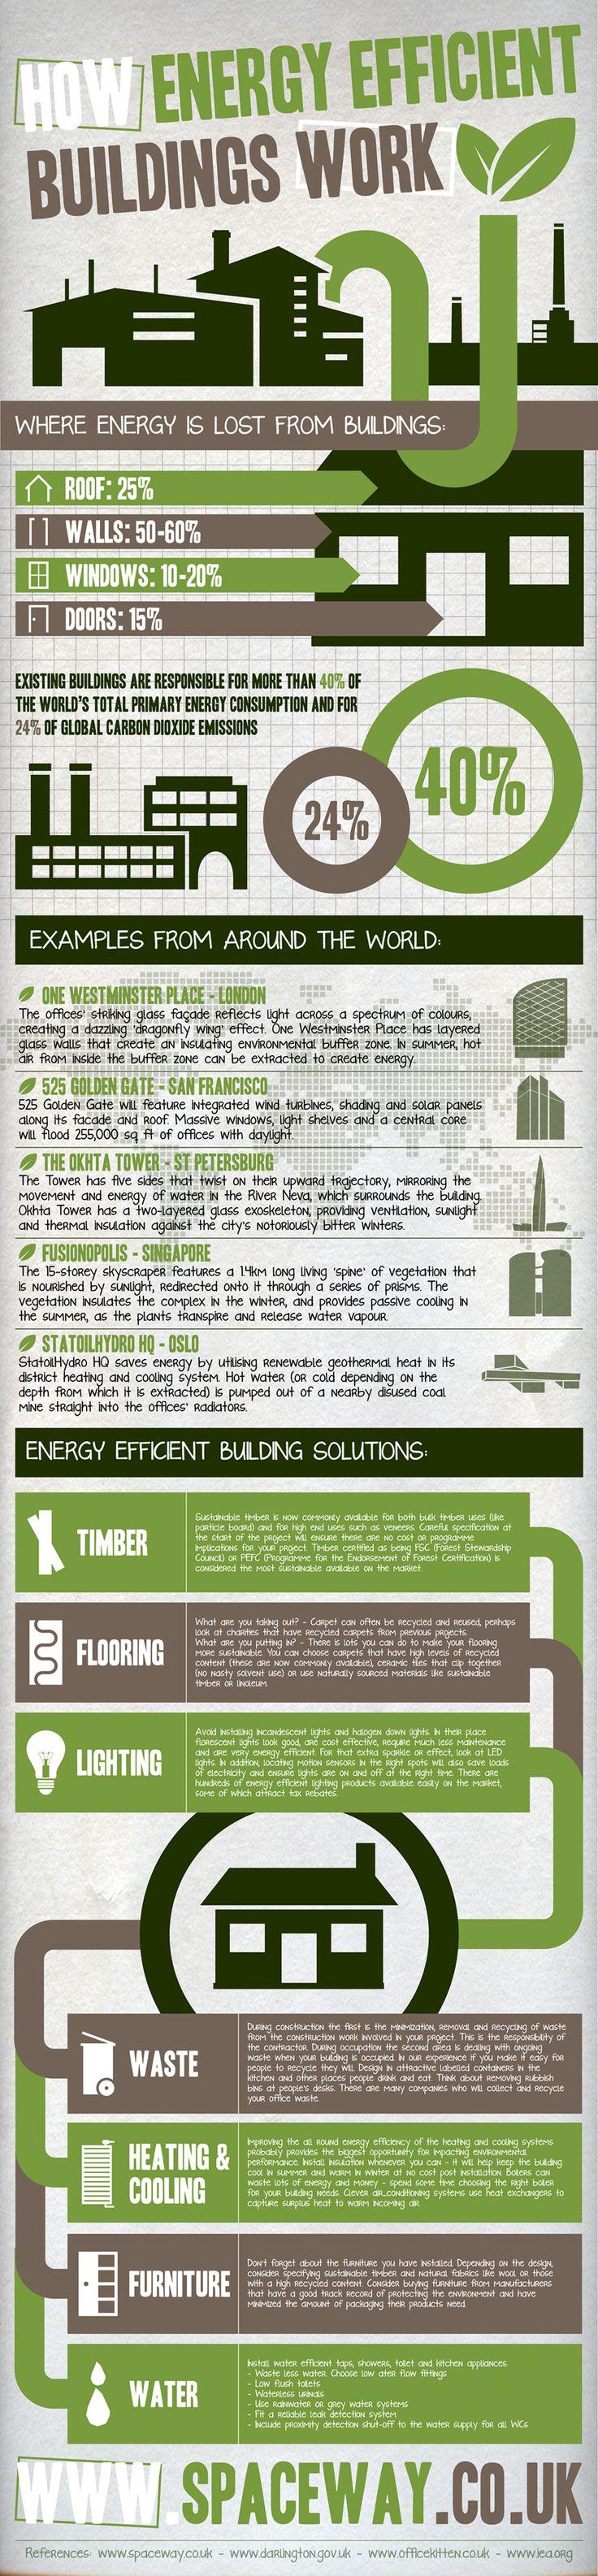 Cómo mejorar la eficiencia energética en la construcción. #arquitectura #eficienciaenergética #energías